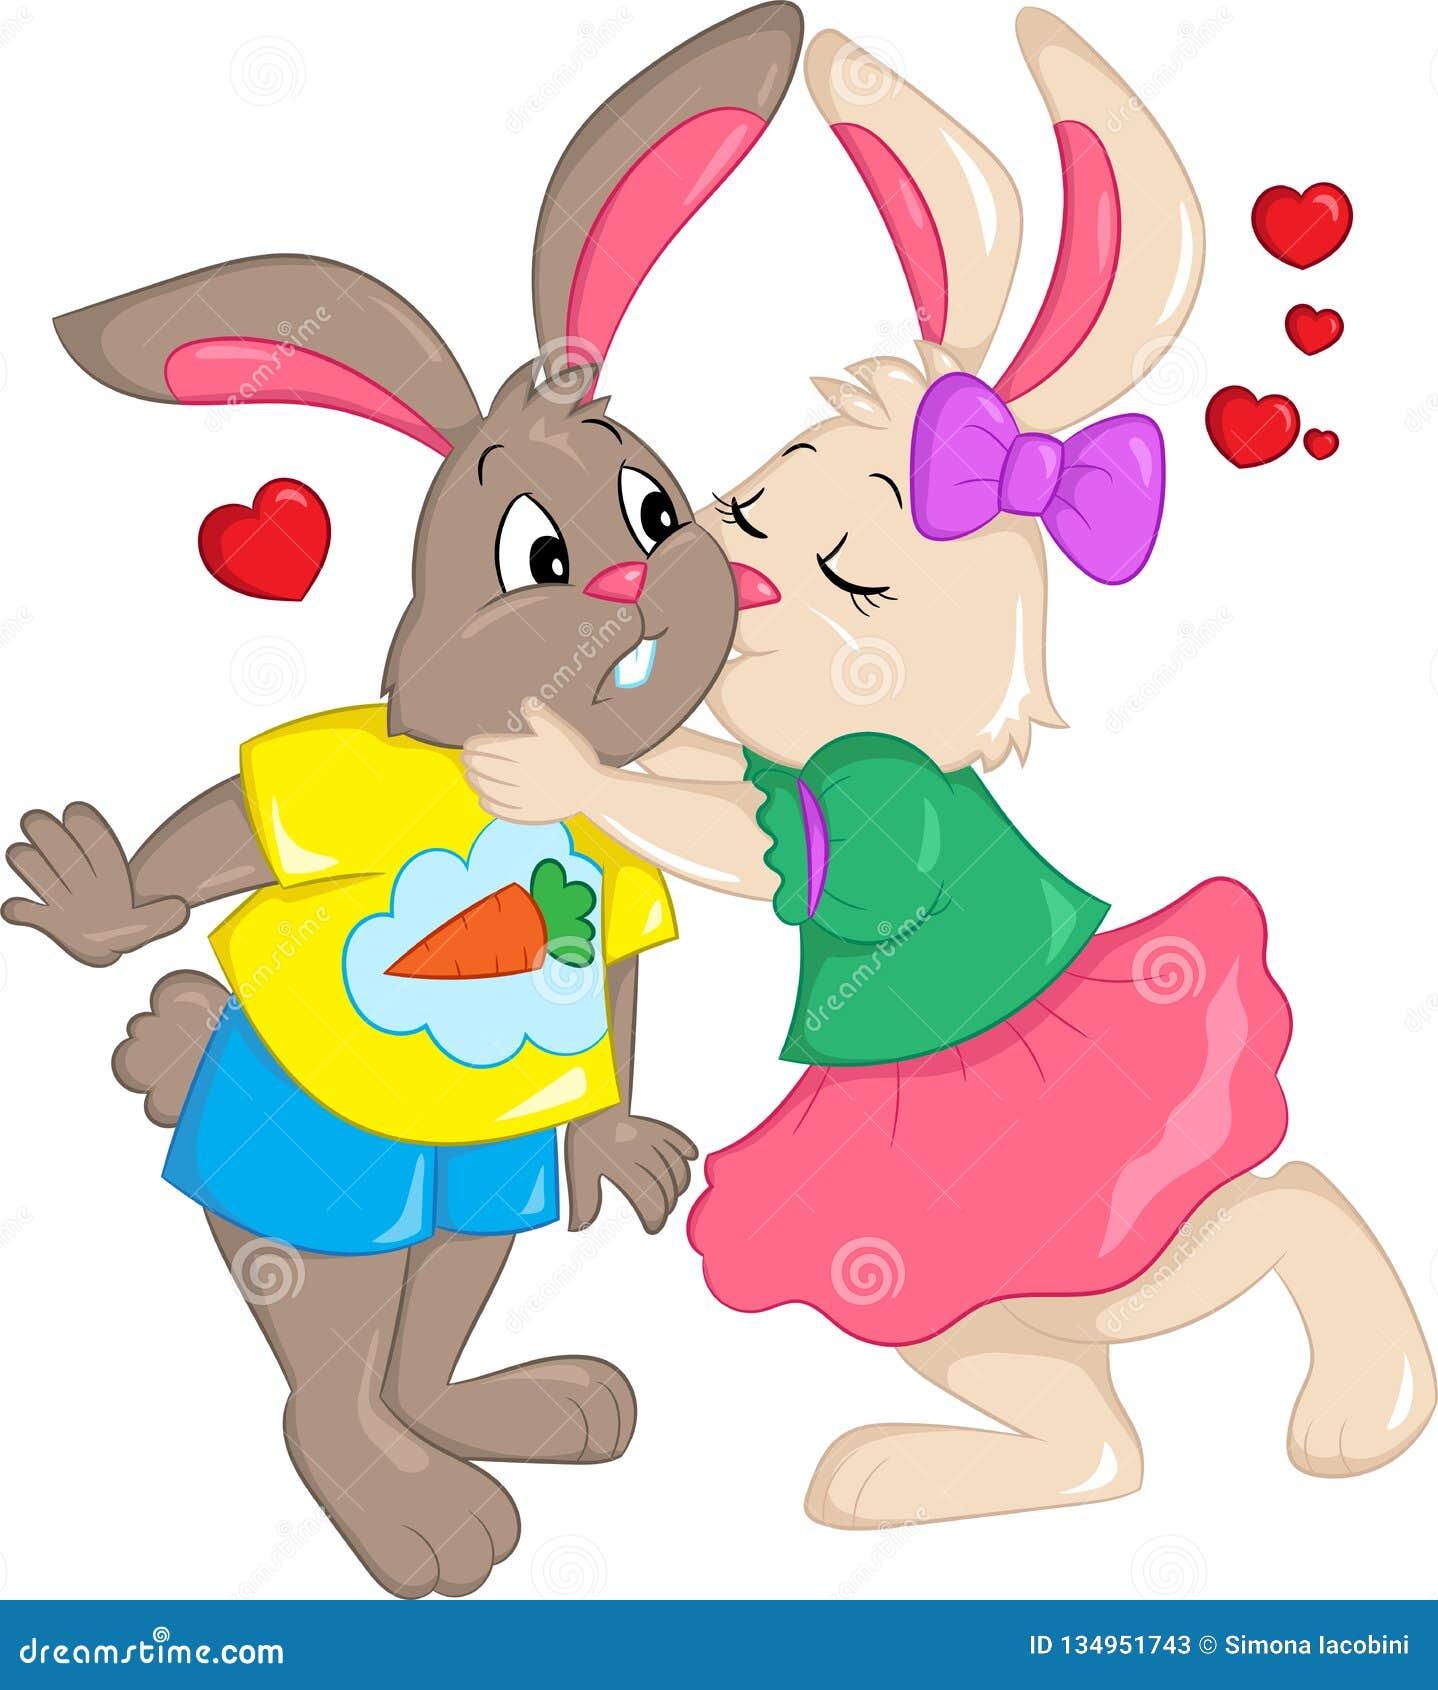 Farbillustration von ein paar küssenden Kaninchen, mit Herzen in der Luft, für das Buch der Kinder, Valentinstag- oder Ostern-Kar